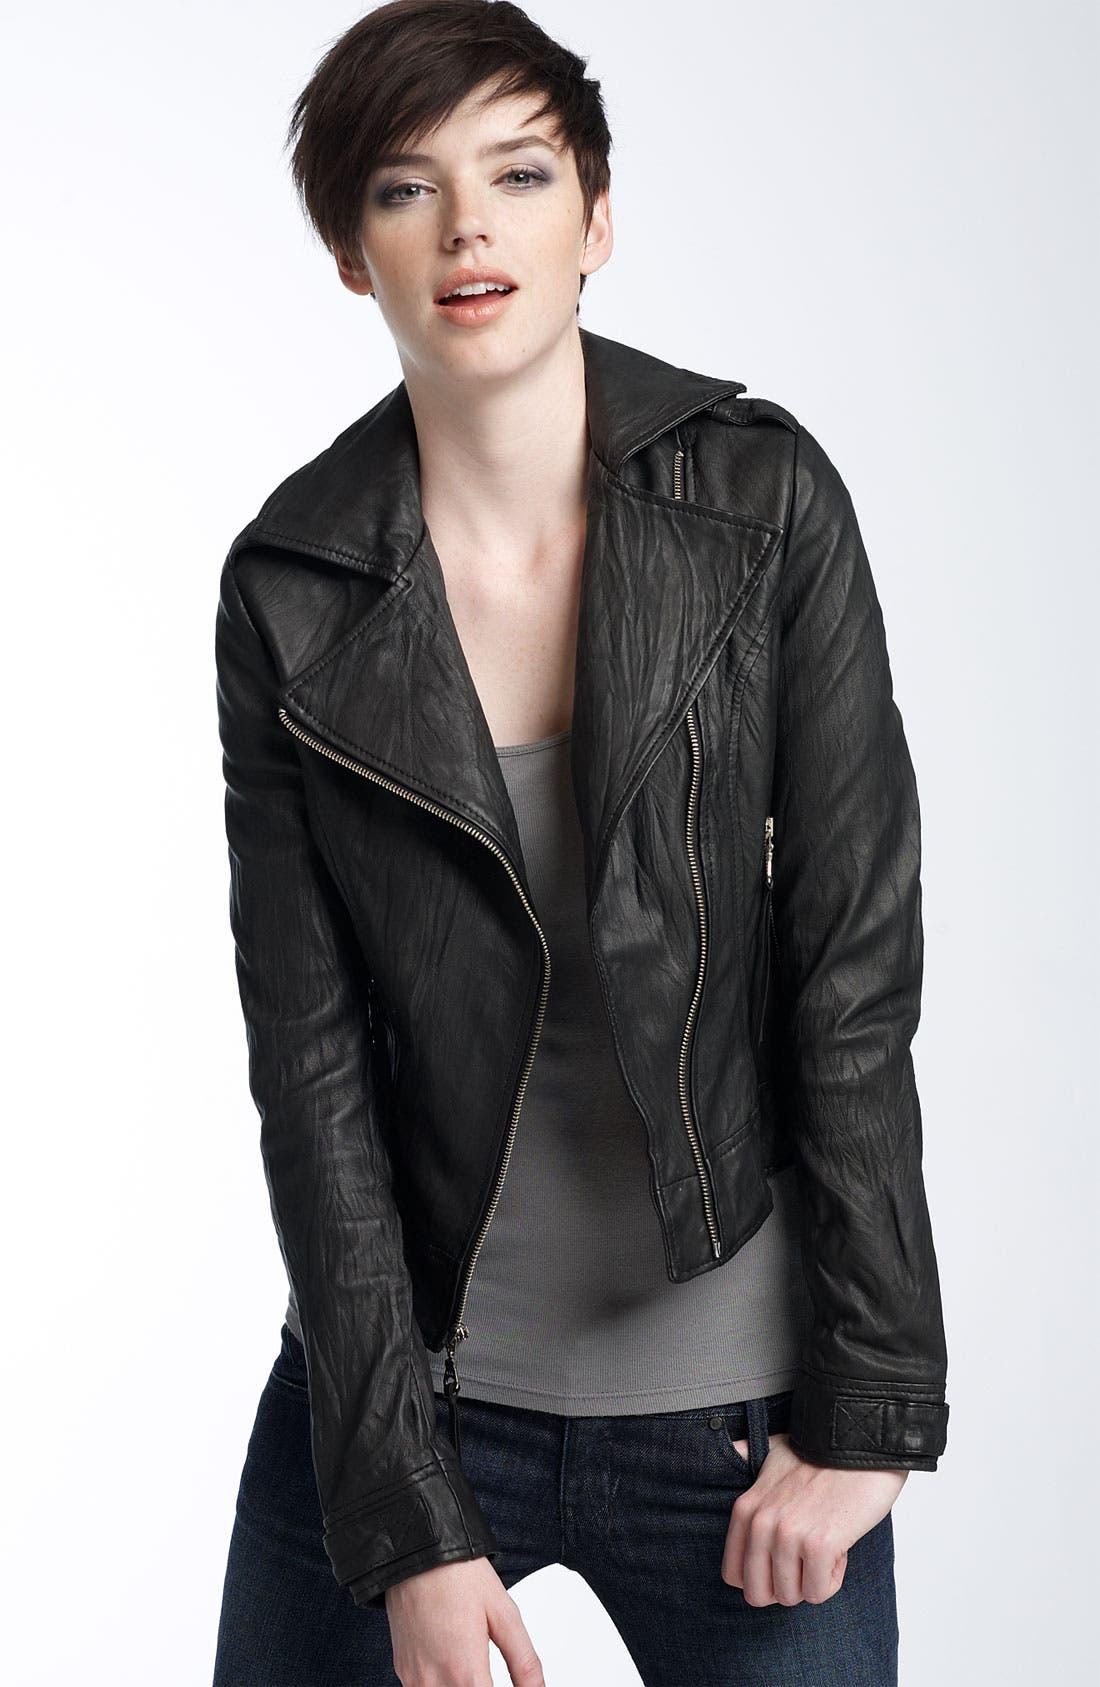 Alternate Image 1 Selected - Kenna-T Washed Leather Jacket